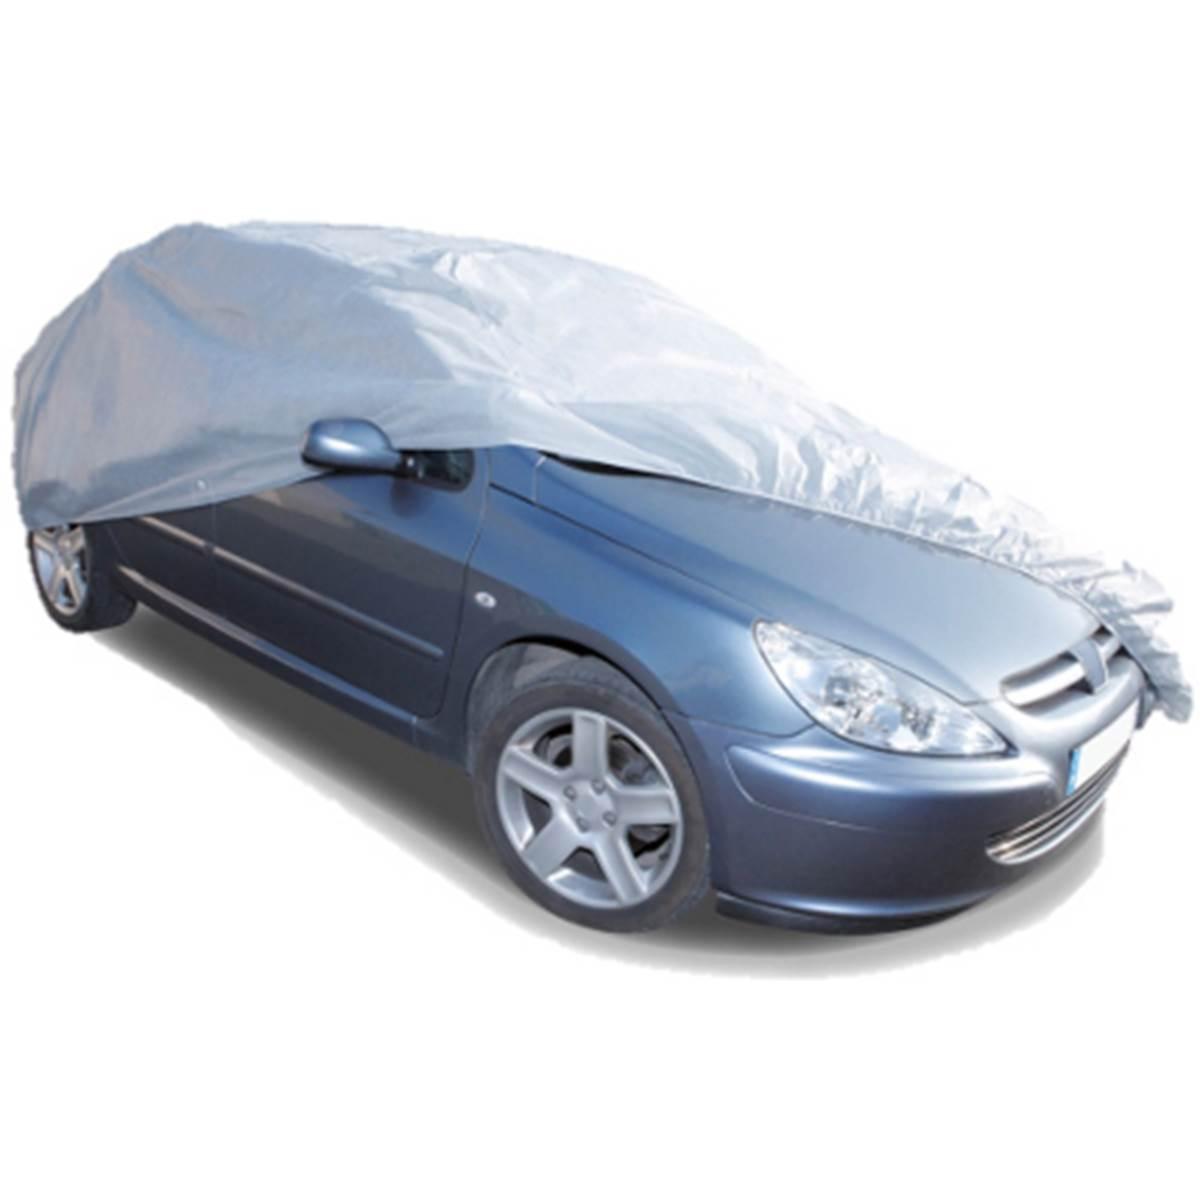 Housse de protection carrosserie Taille XL